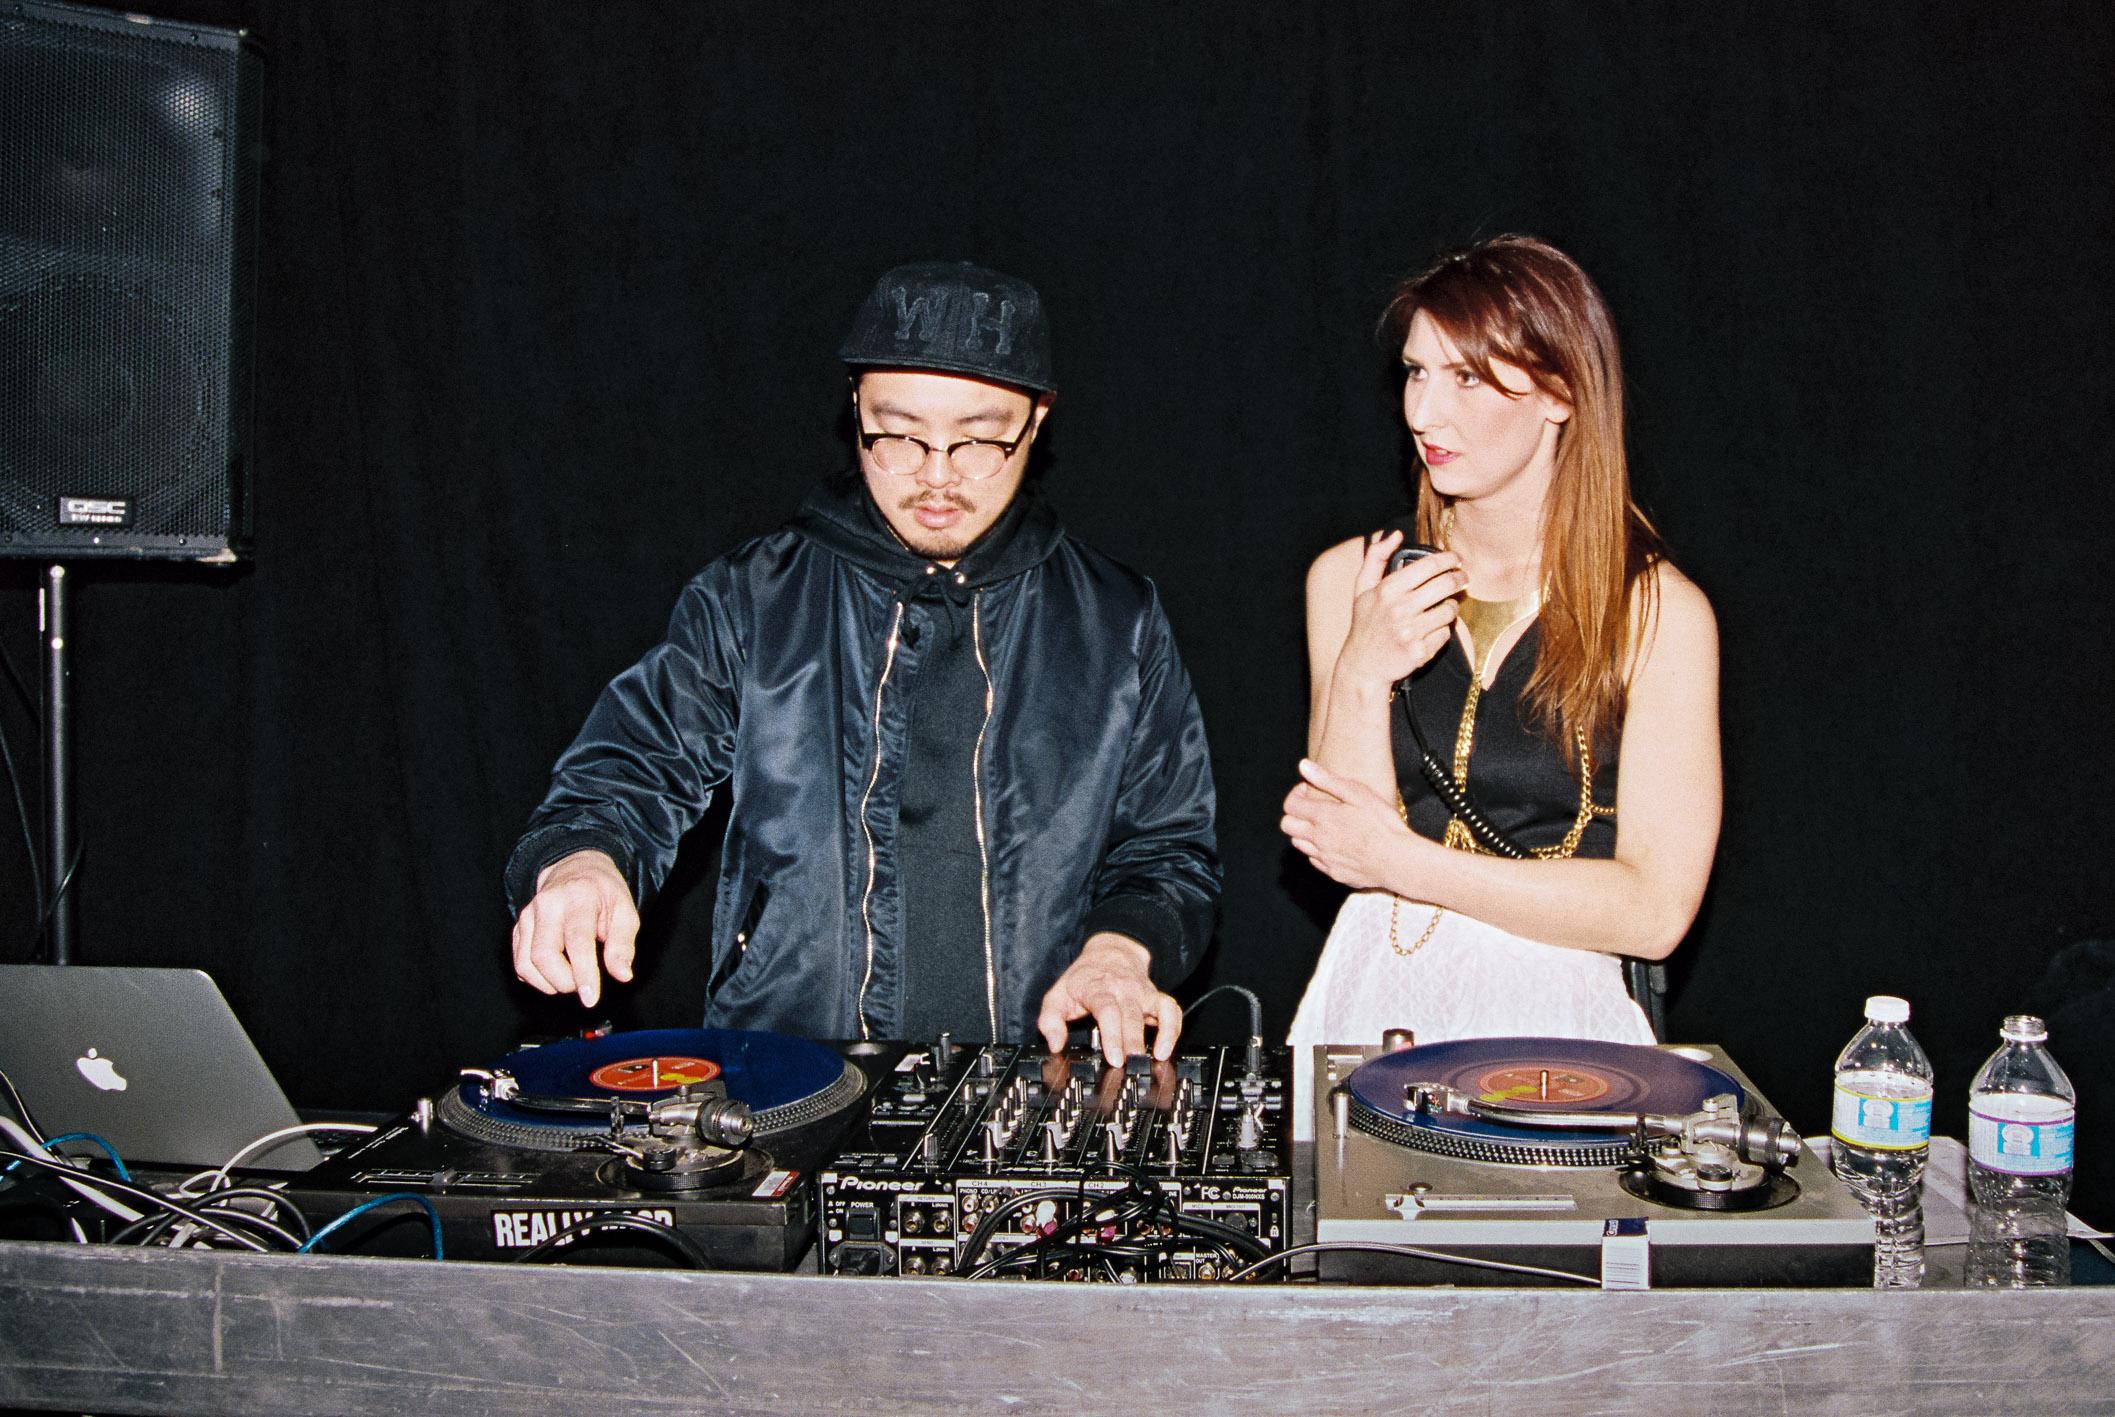 DJ Disoriental and Park founder Kara Chomistek